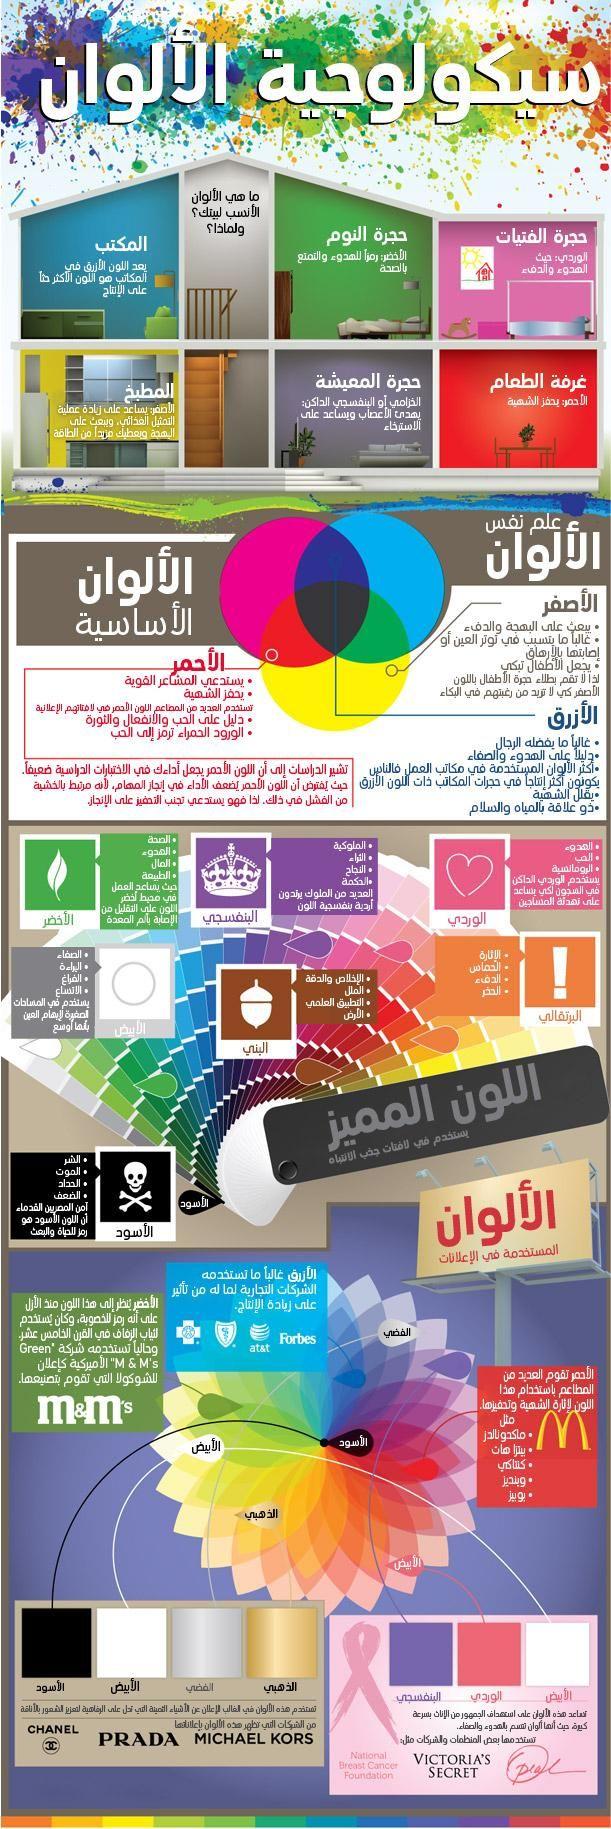 سيكولوجية الألوان ودلالتها #تنمية_بشرية #التسويق_الالكتروني #تصميم_المواقع